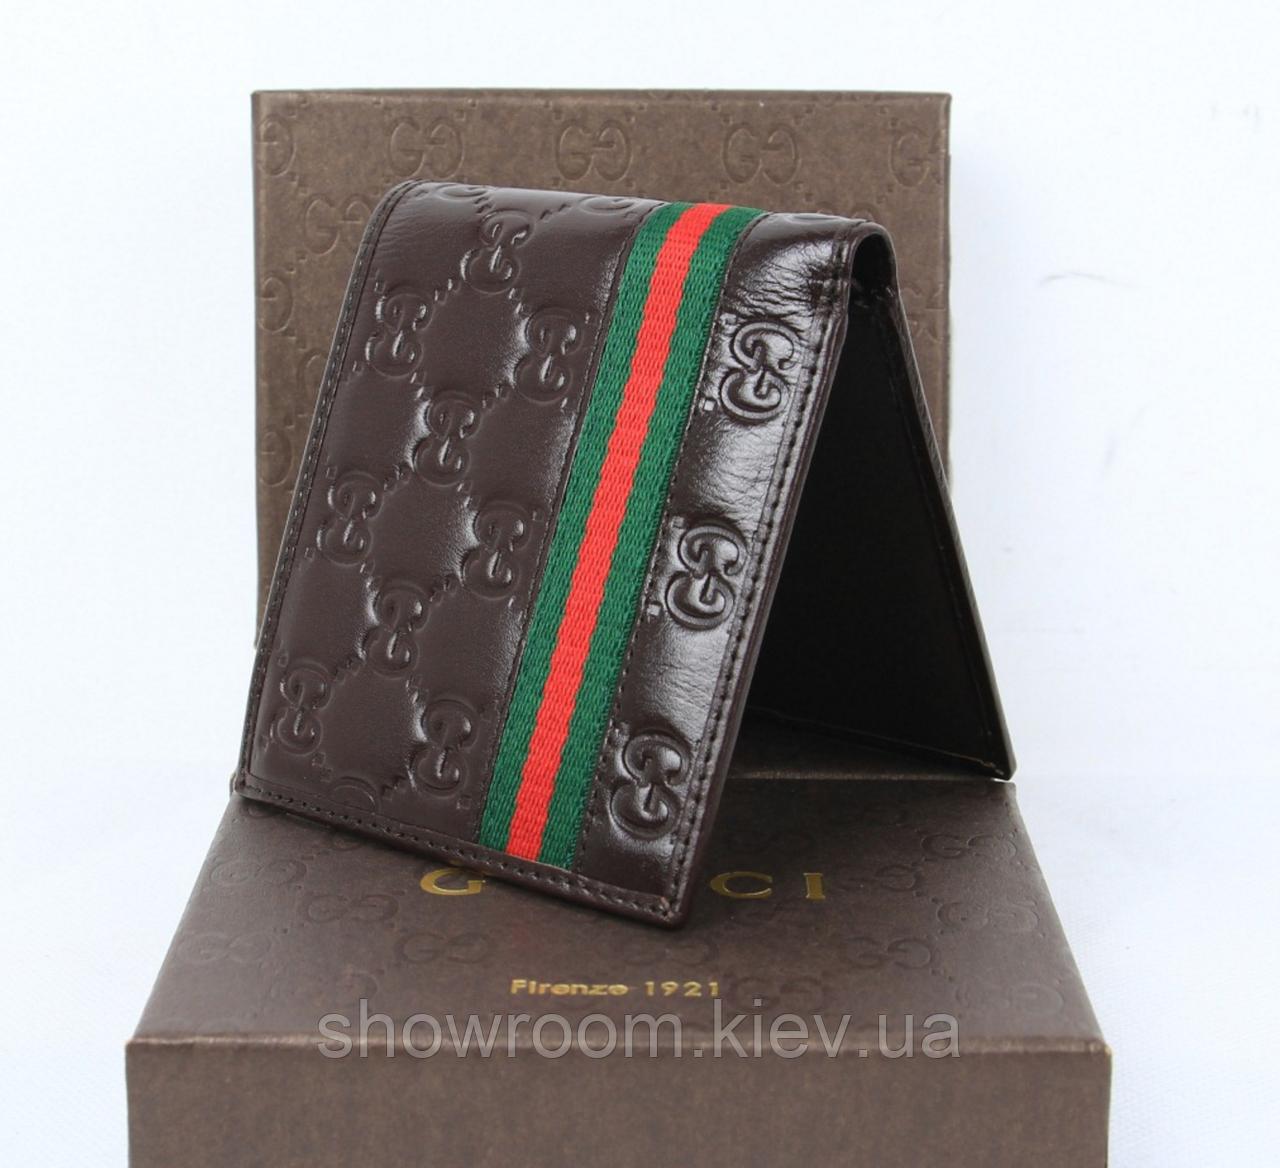 f0e7ed30ce1c Мужской кошелек Gucci , в Киеве, продажа, предложение, цена,мужское ...